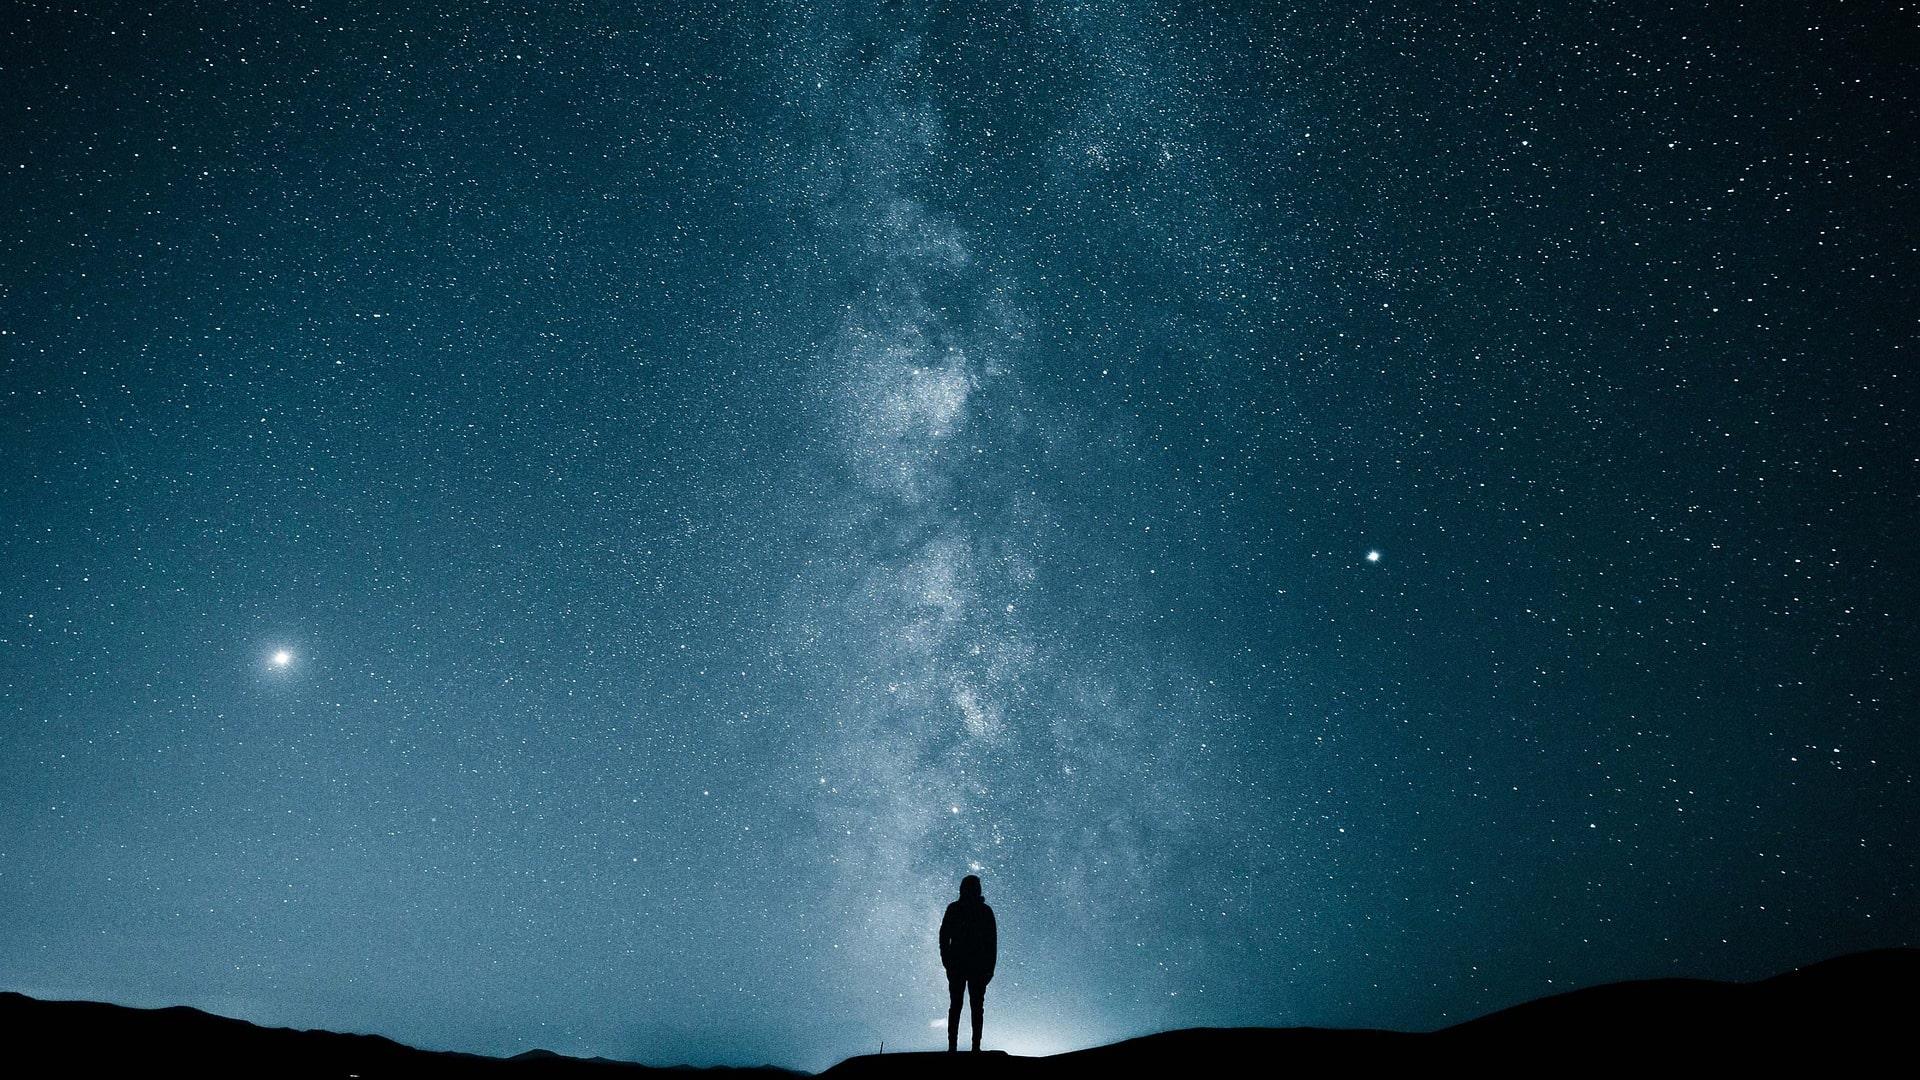 gökyüzüne bakan adam